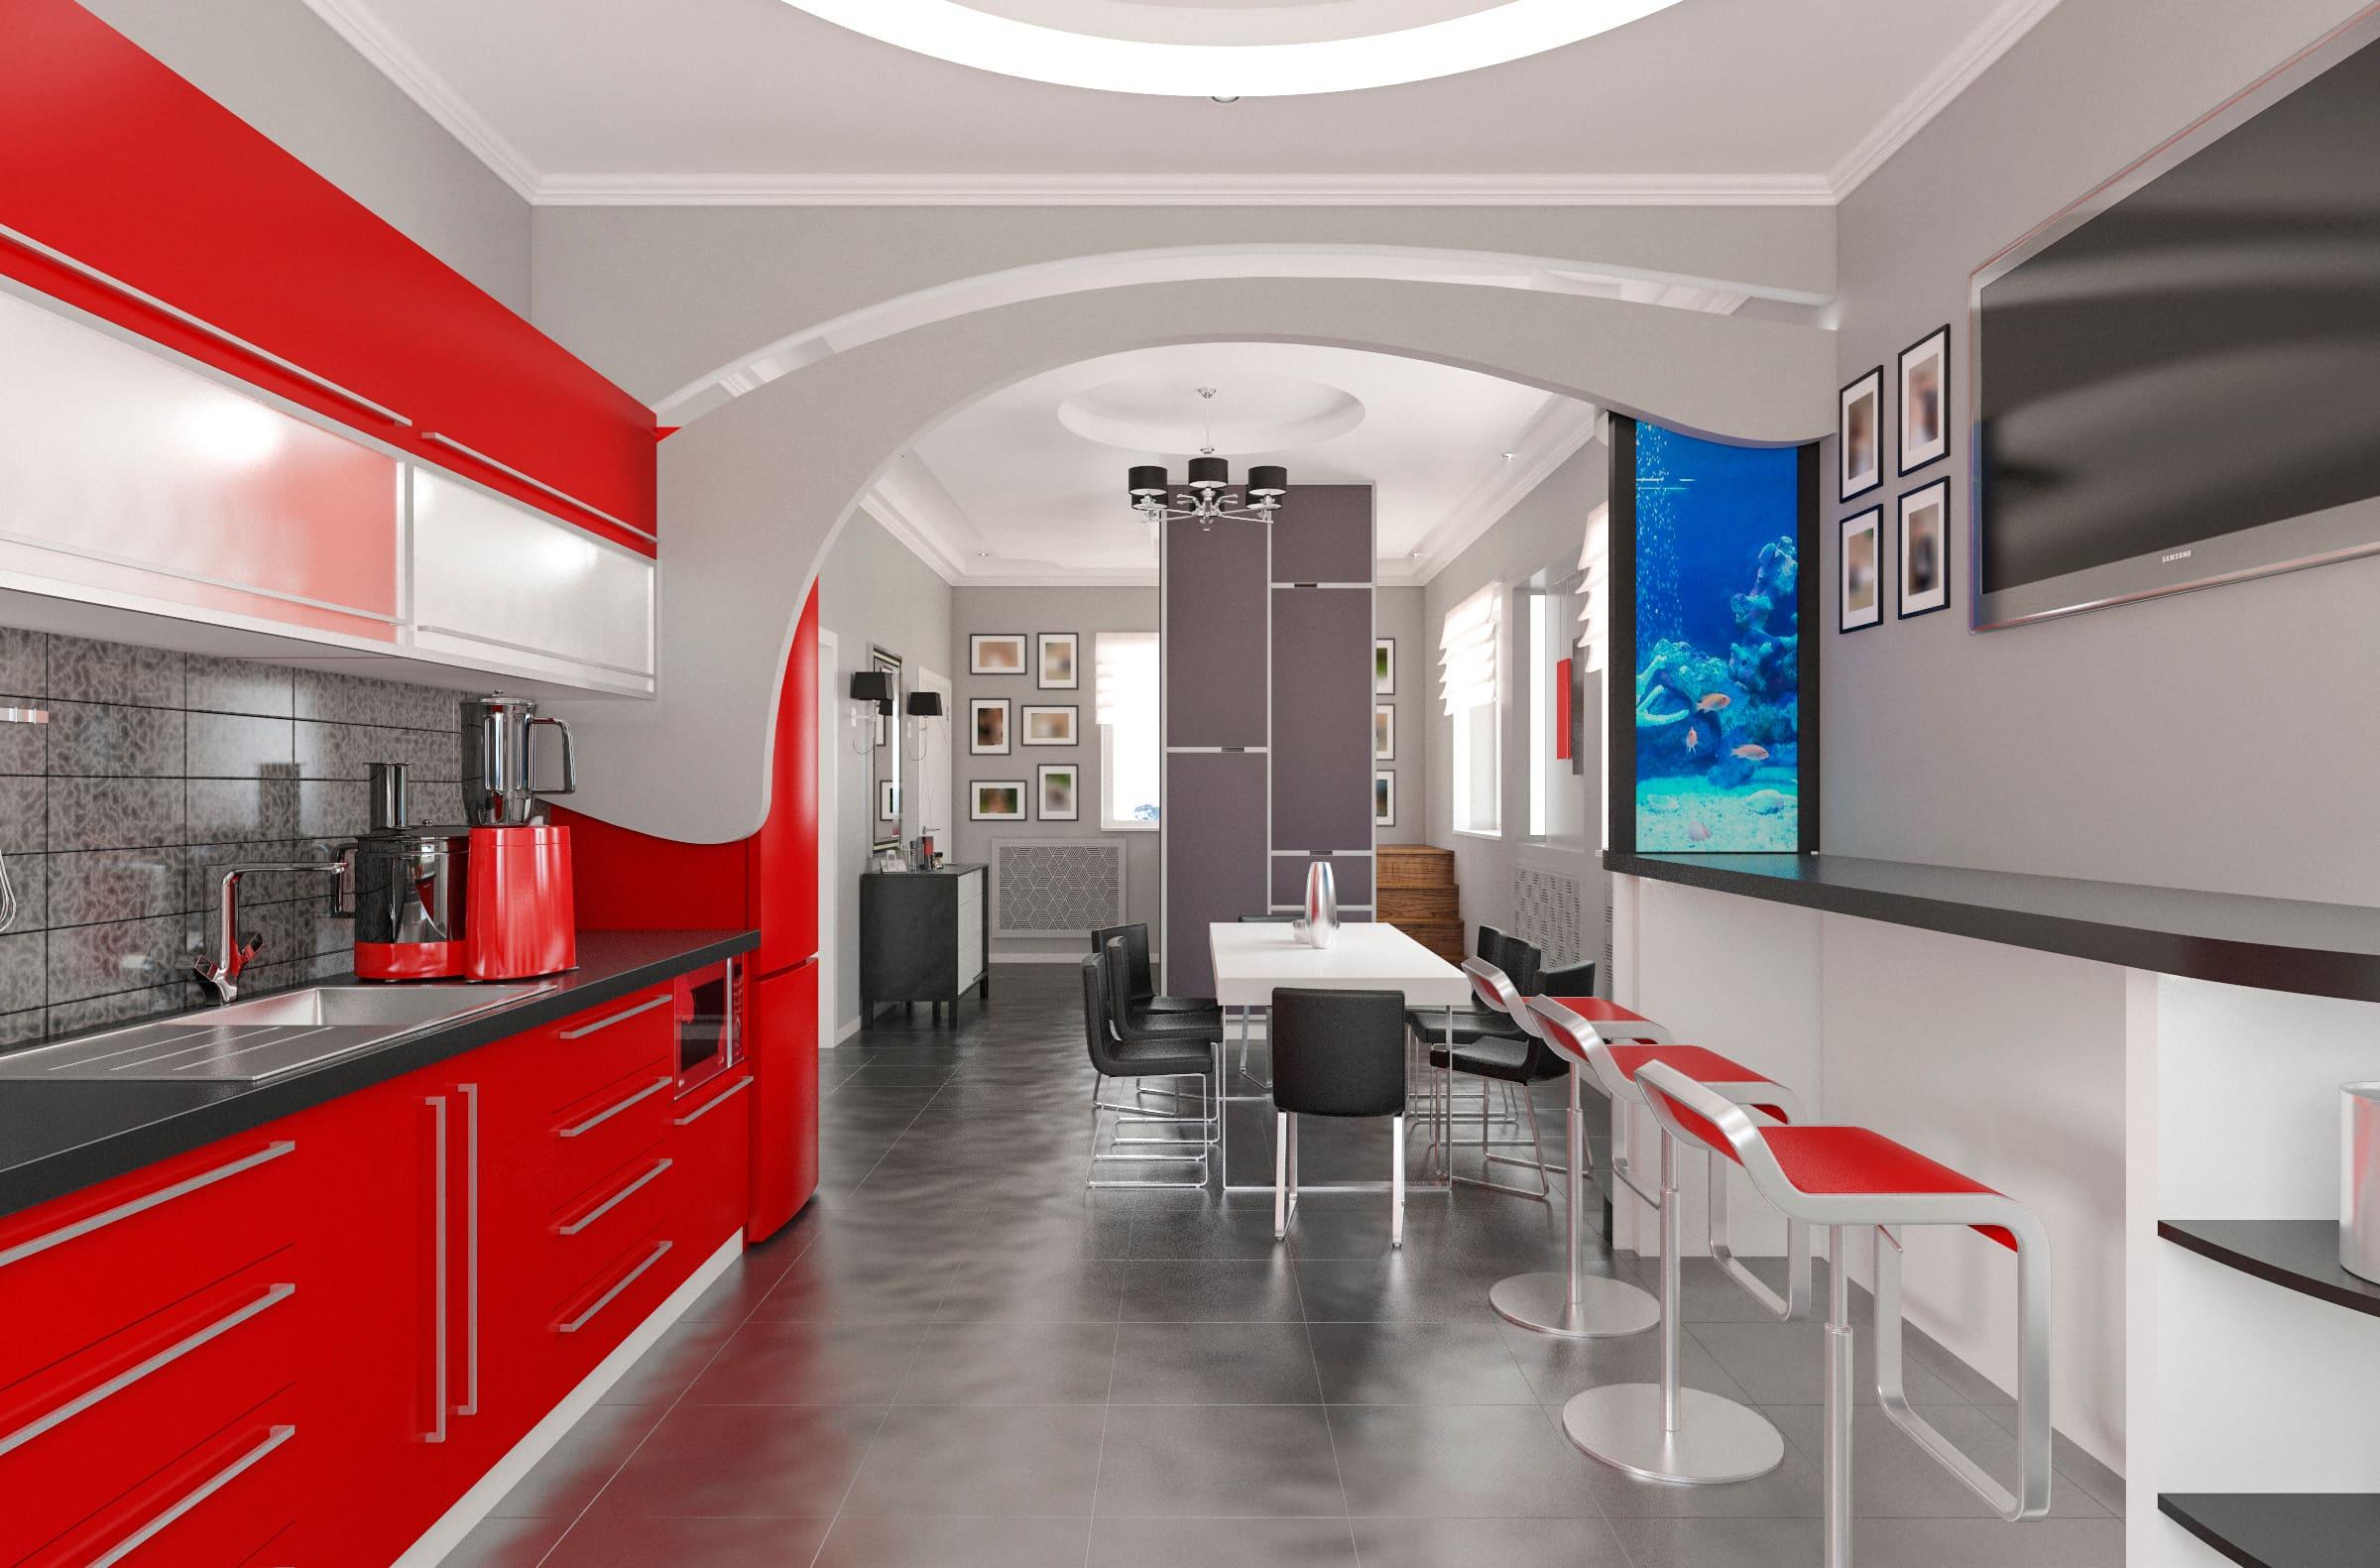 Дизайн интерьера кухни столовой прихожей в Могилеве красная мебель темный пол серые стены аквариум на барной стойке